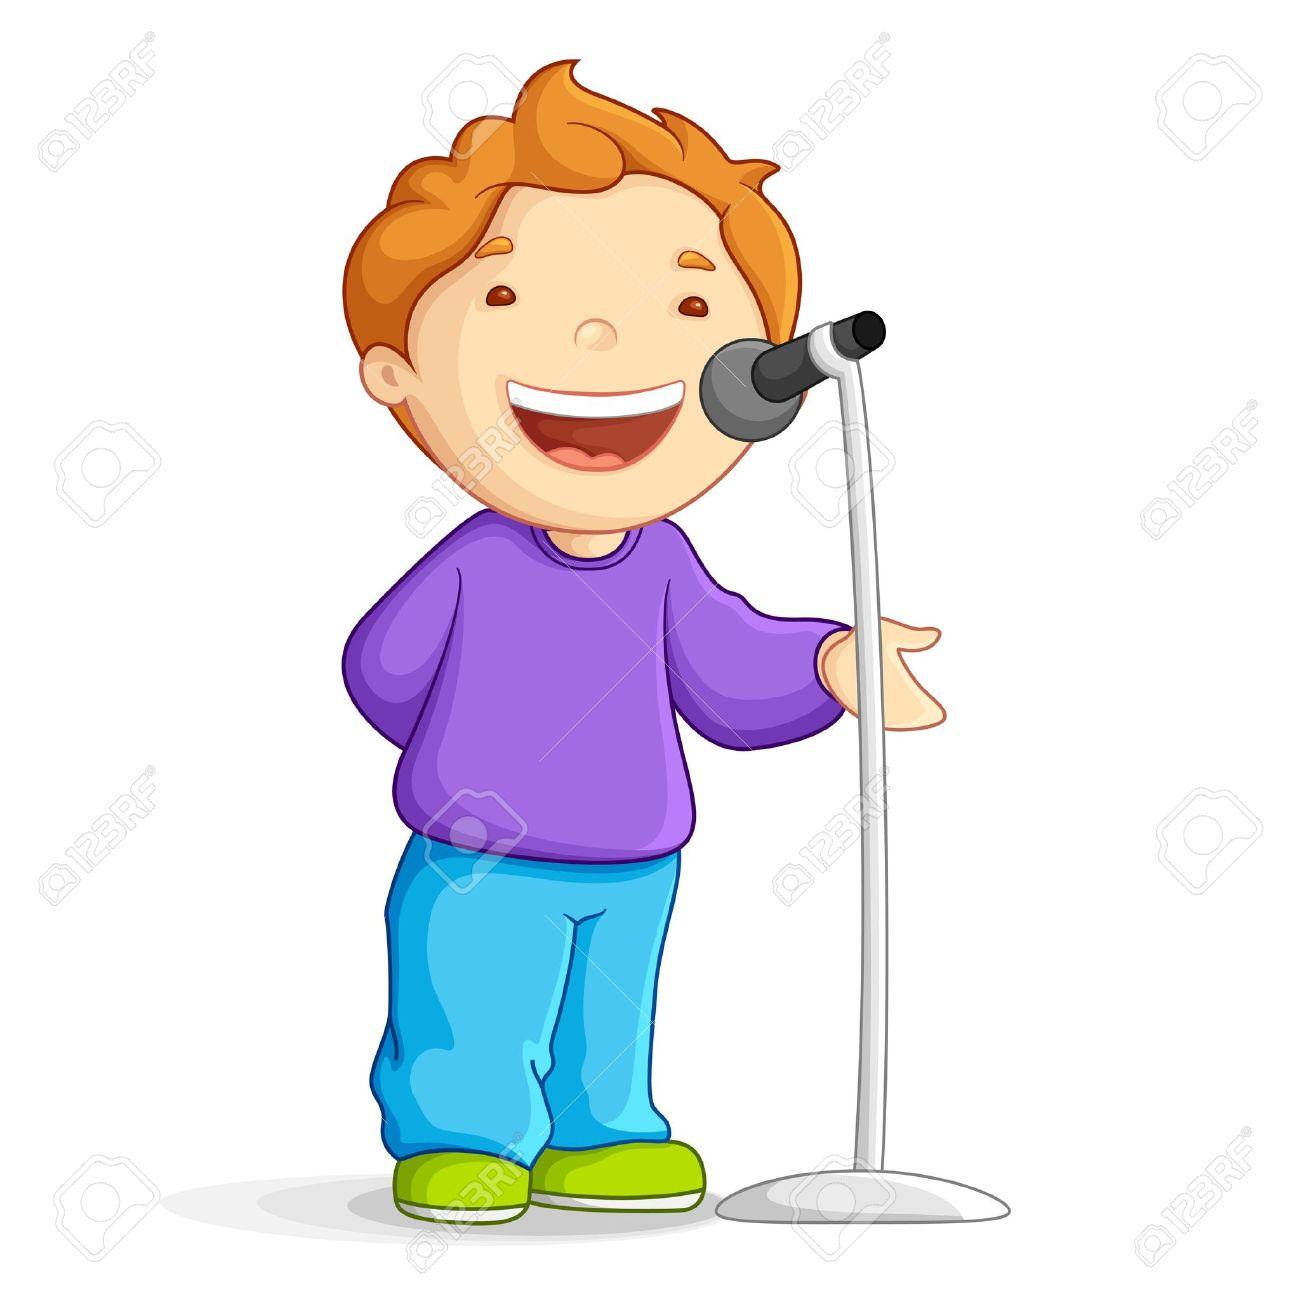 Male singer singing.